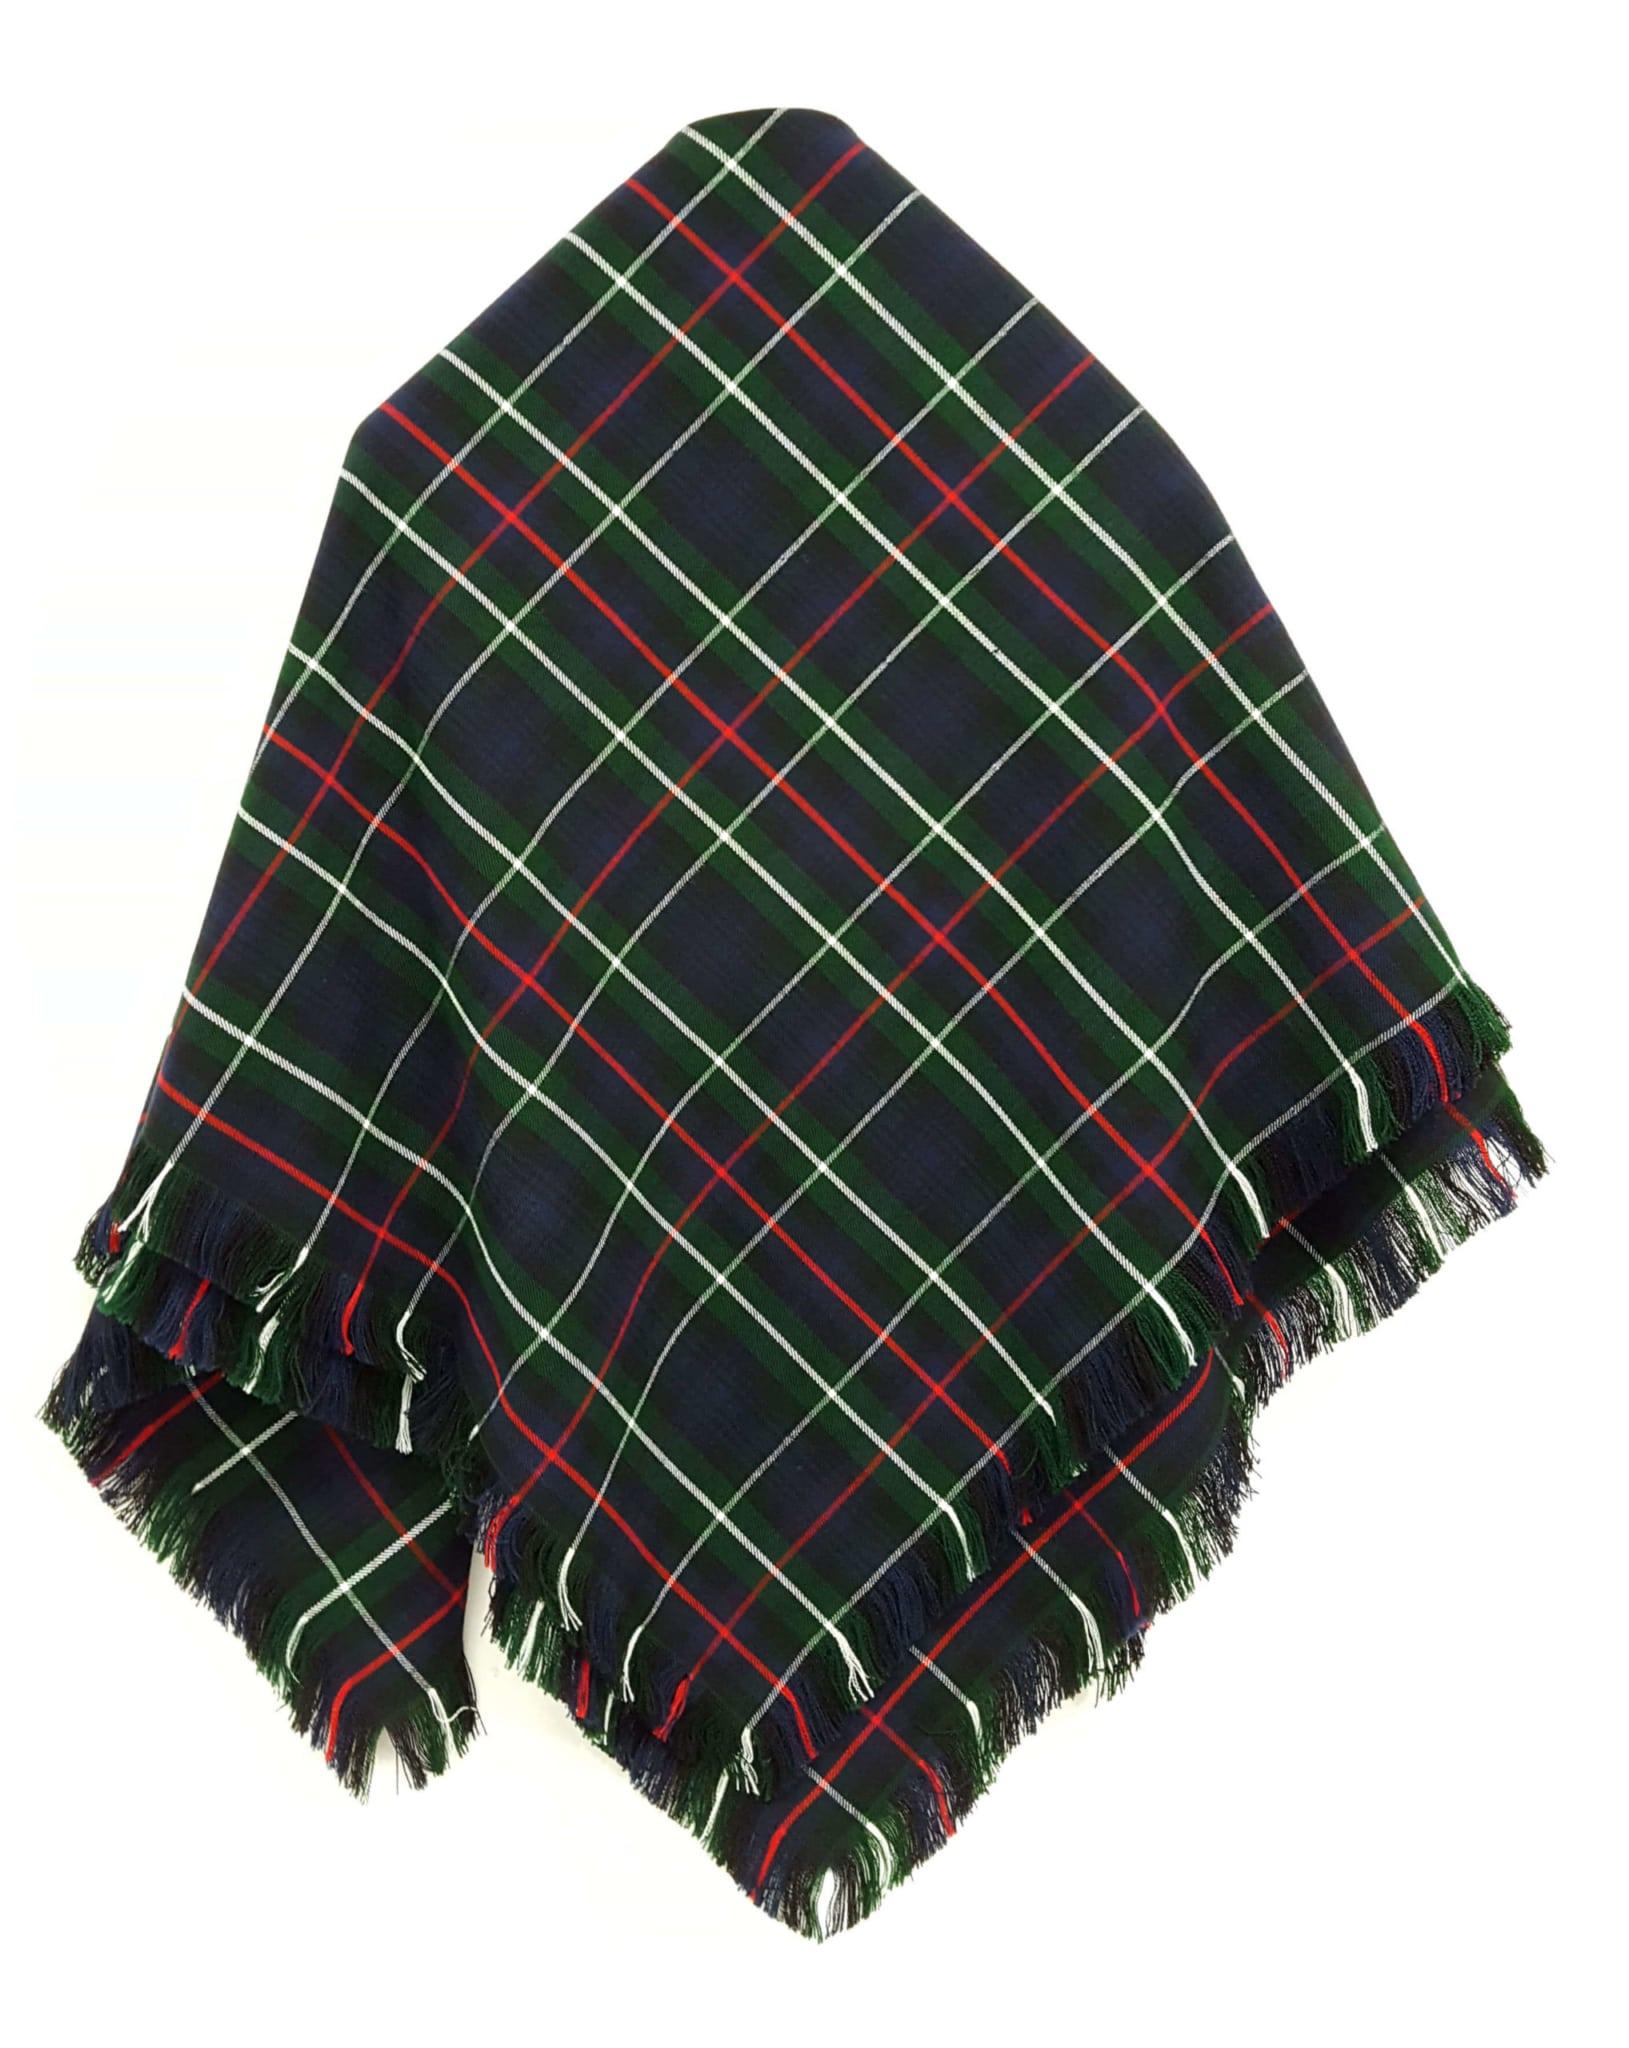 Tartan Shawl, Homespun Wool Blend